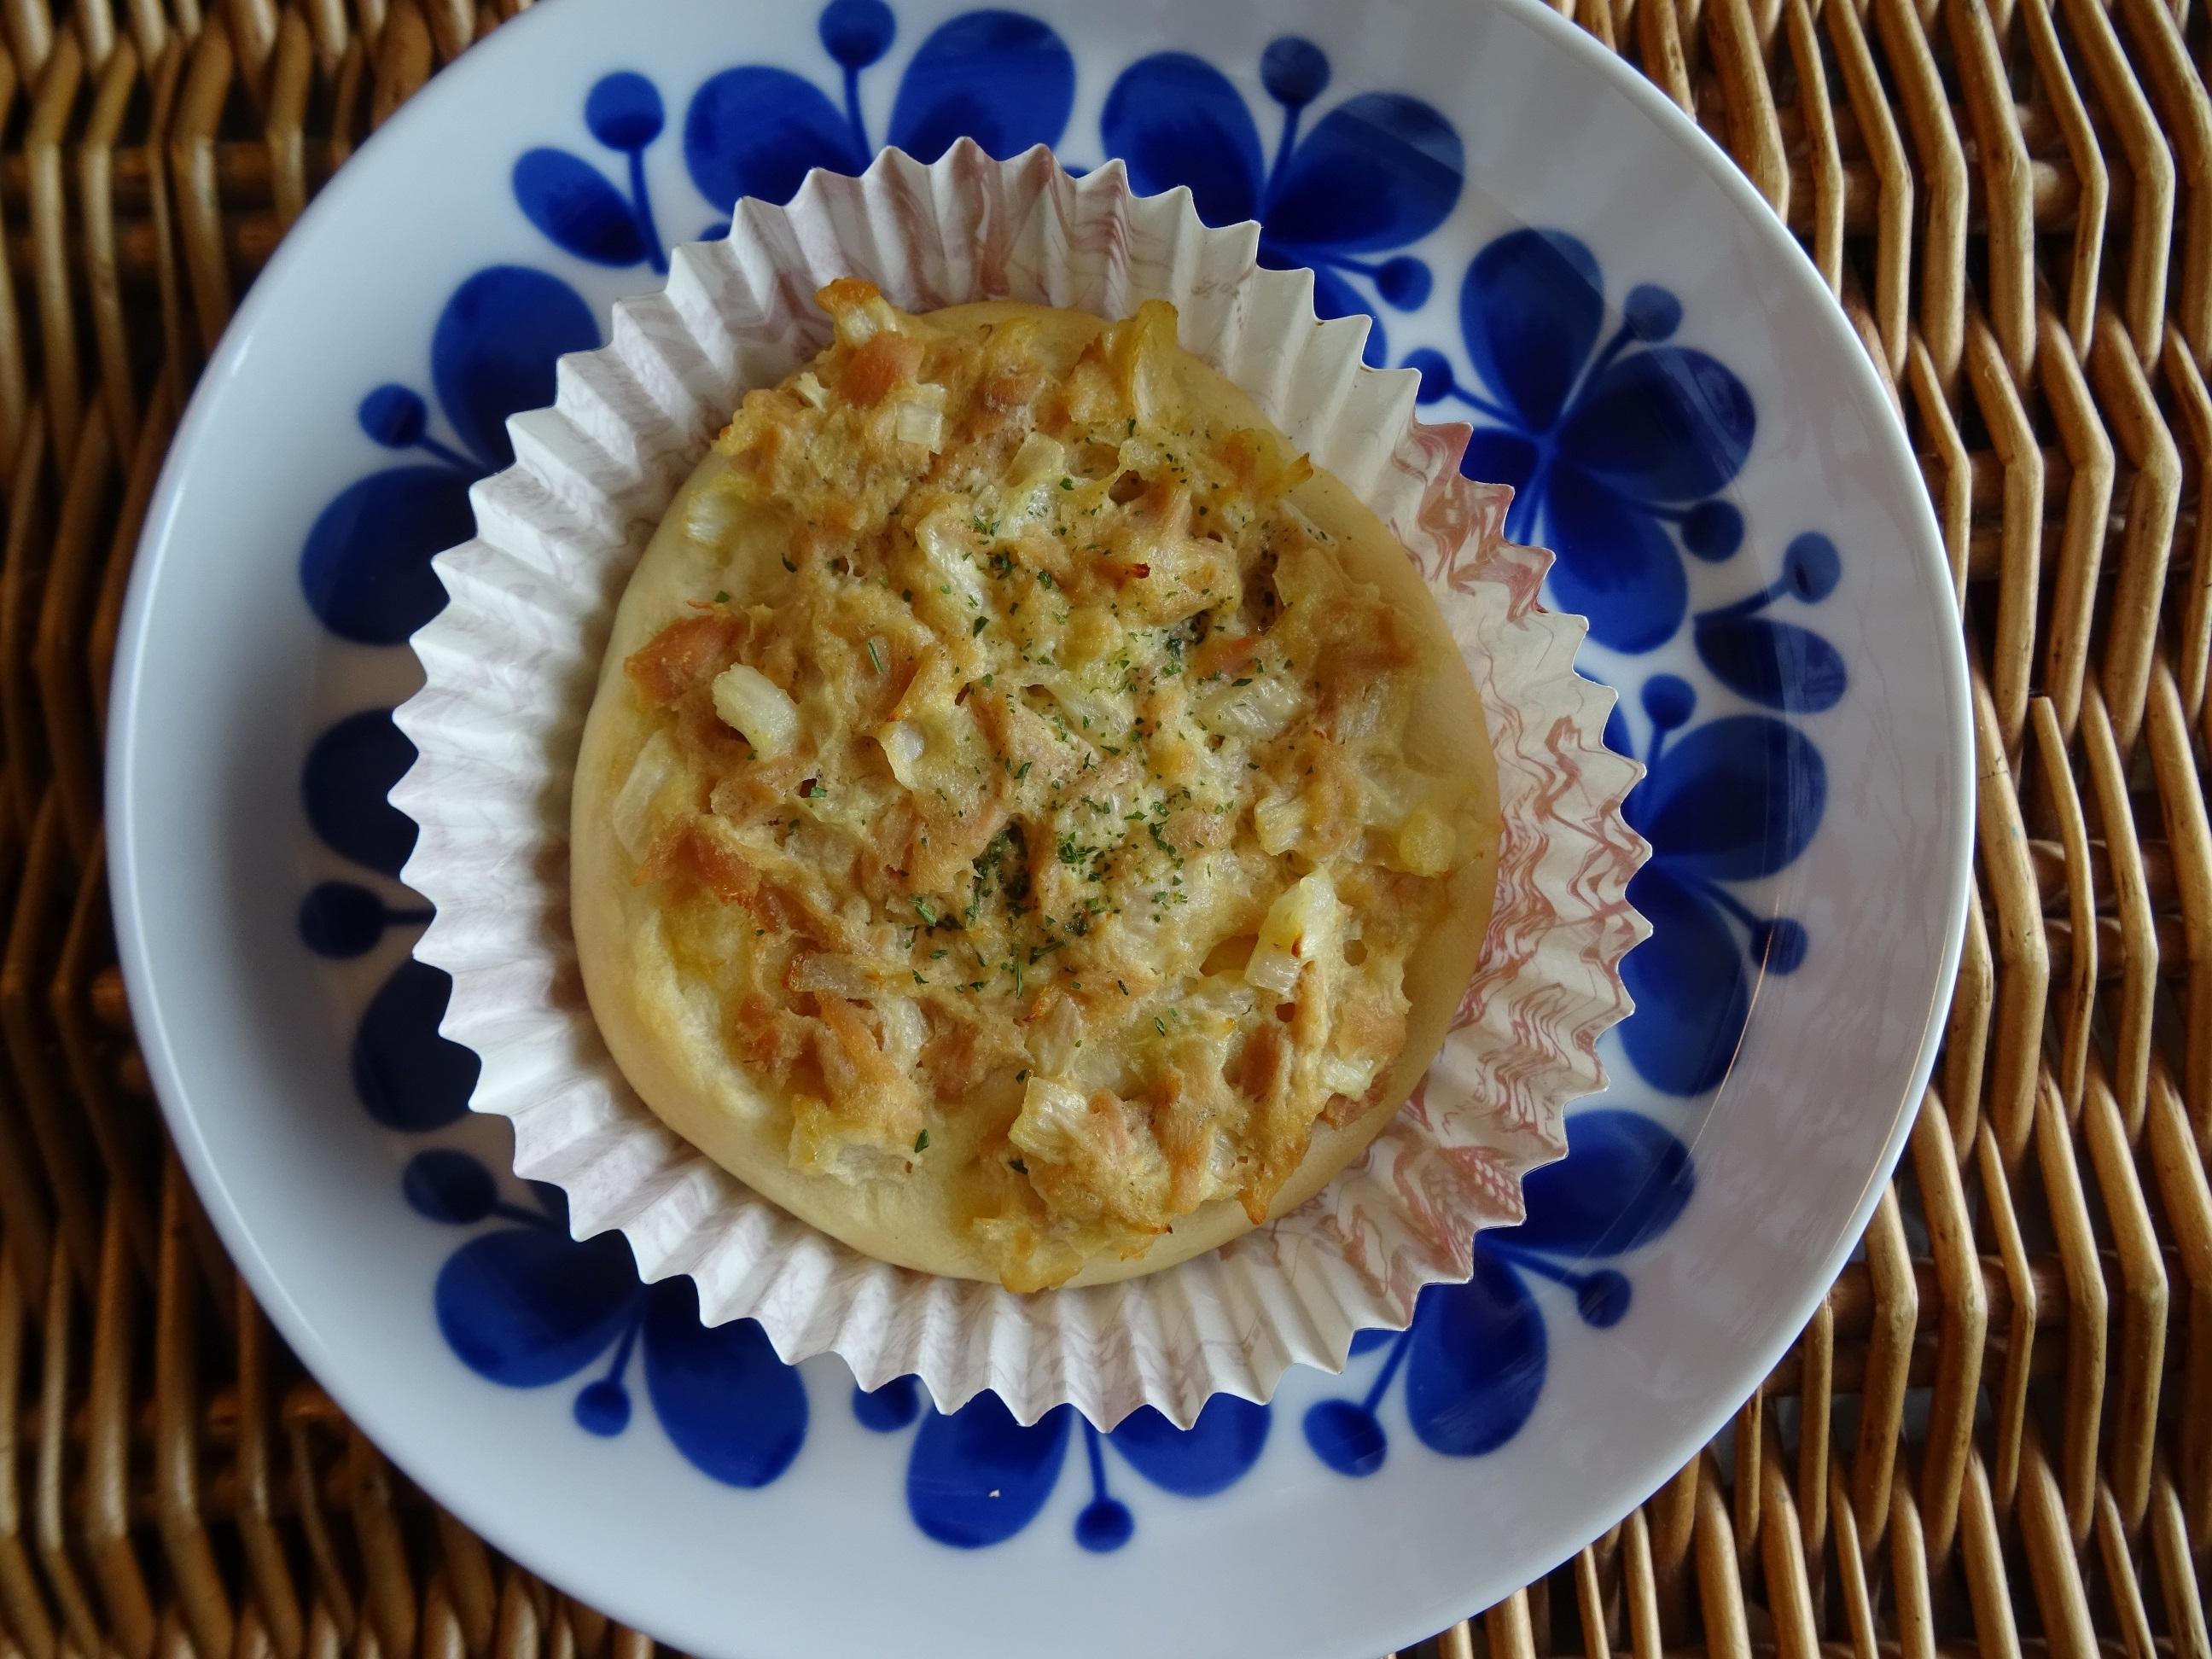 カップパン(ツナマヨ&バナナクリーム)1